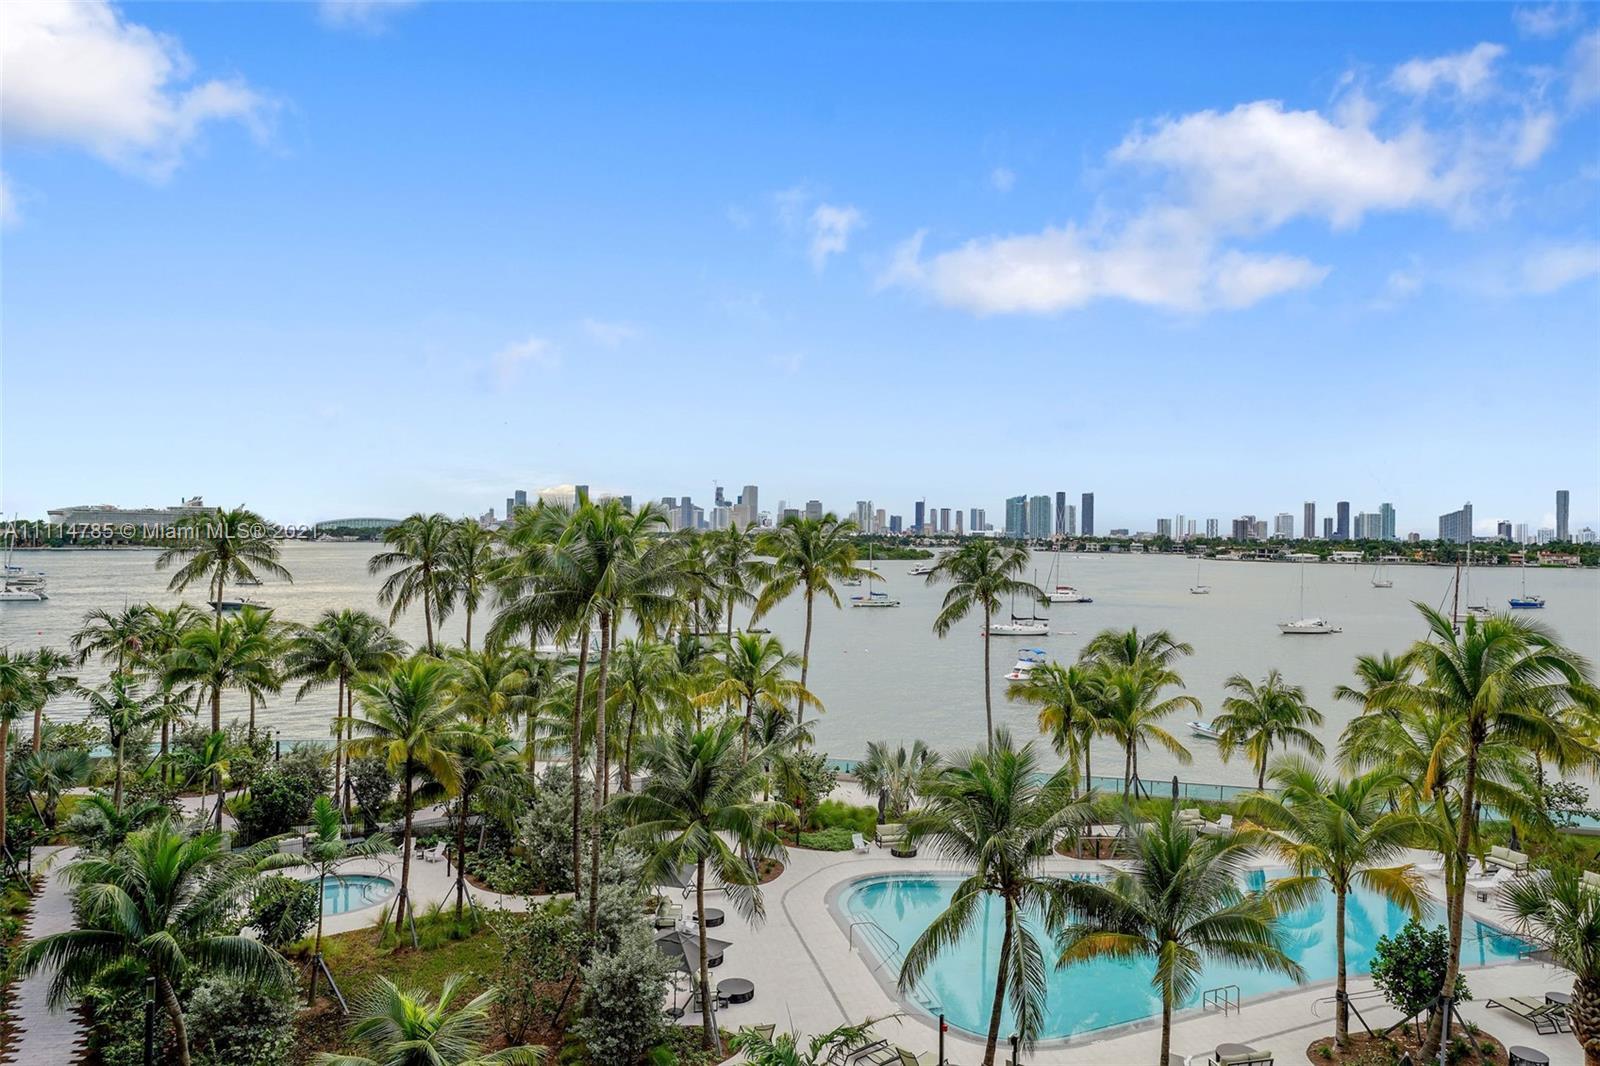 Condo For Rent at Flamingo Point,Flamingo South Beach